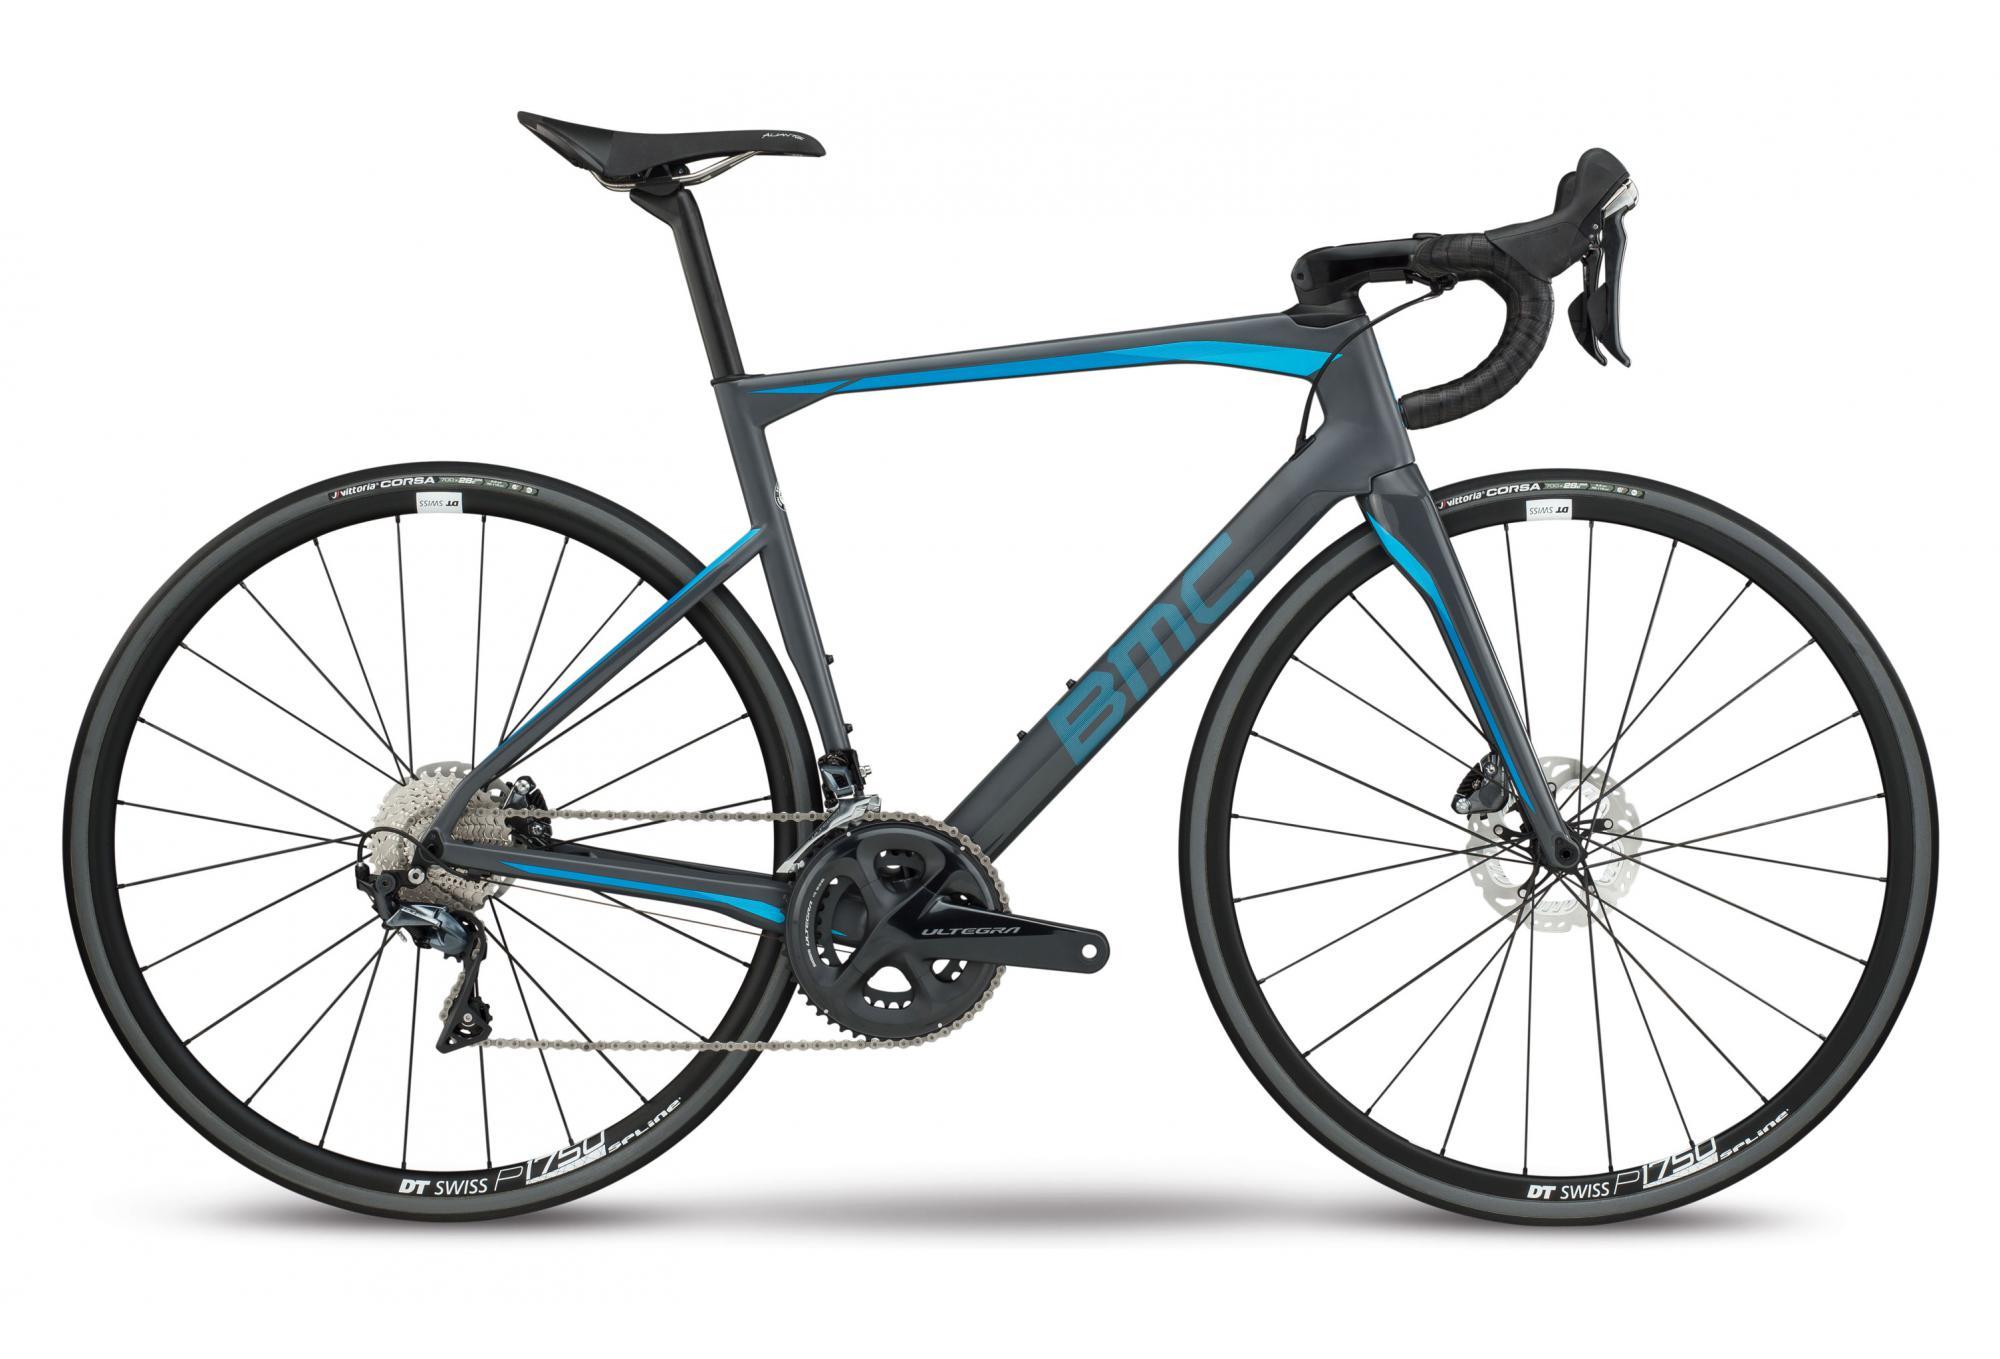 5a8c8b27868 Bicicleta de Carretera BMC Roadmachine RM01 Shimano Ultegra 11V 2018 Gris -  Azul